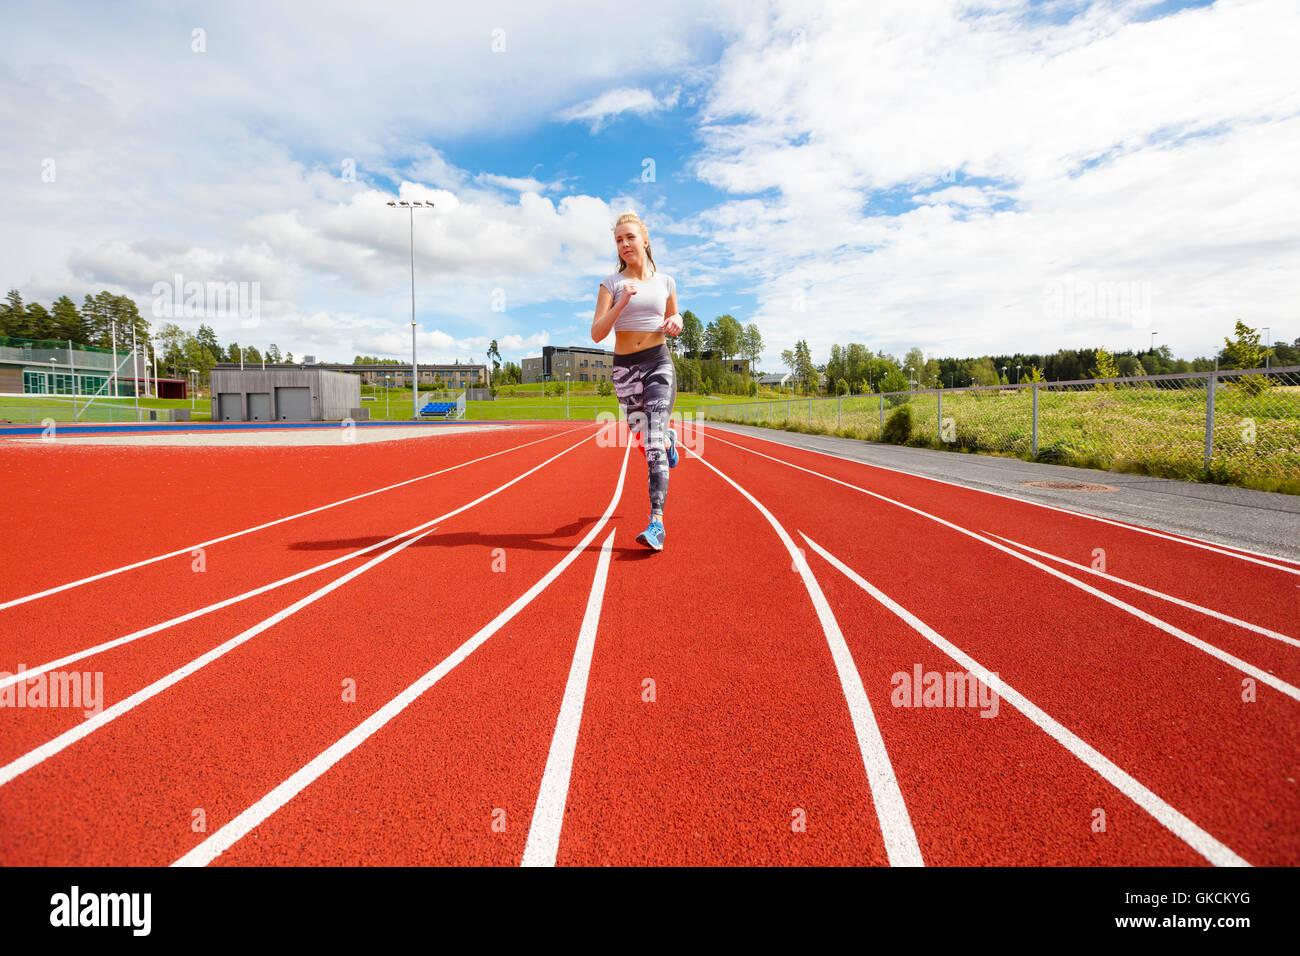 Athletic rapide coureuse sur piste de jogging extérieure Photo Stock